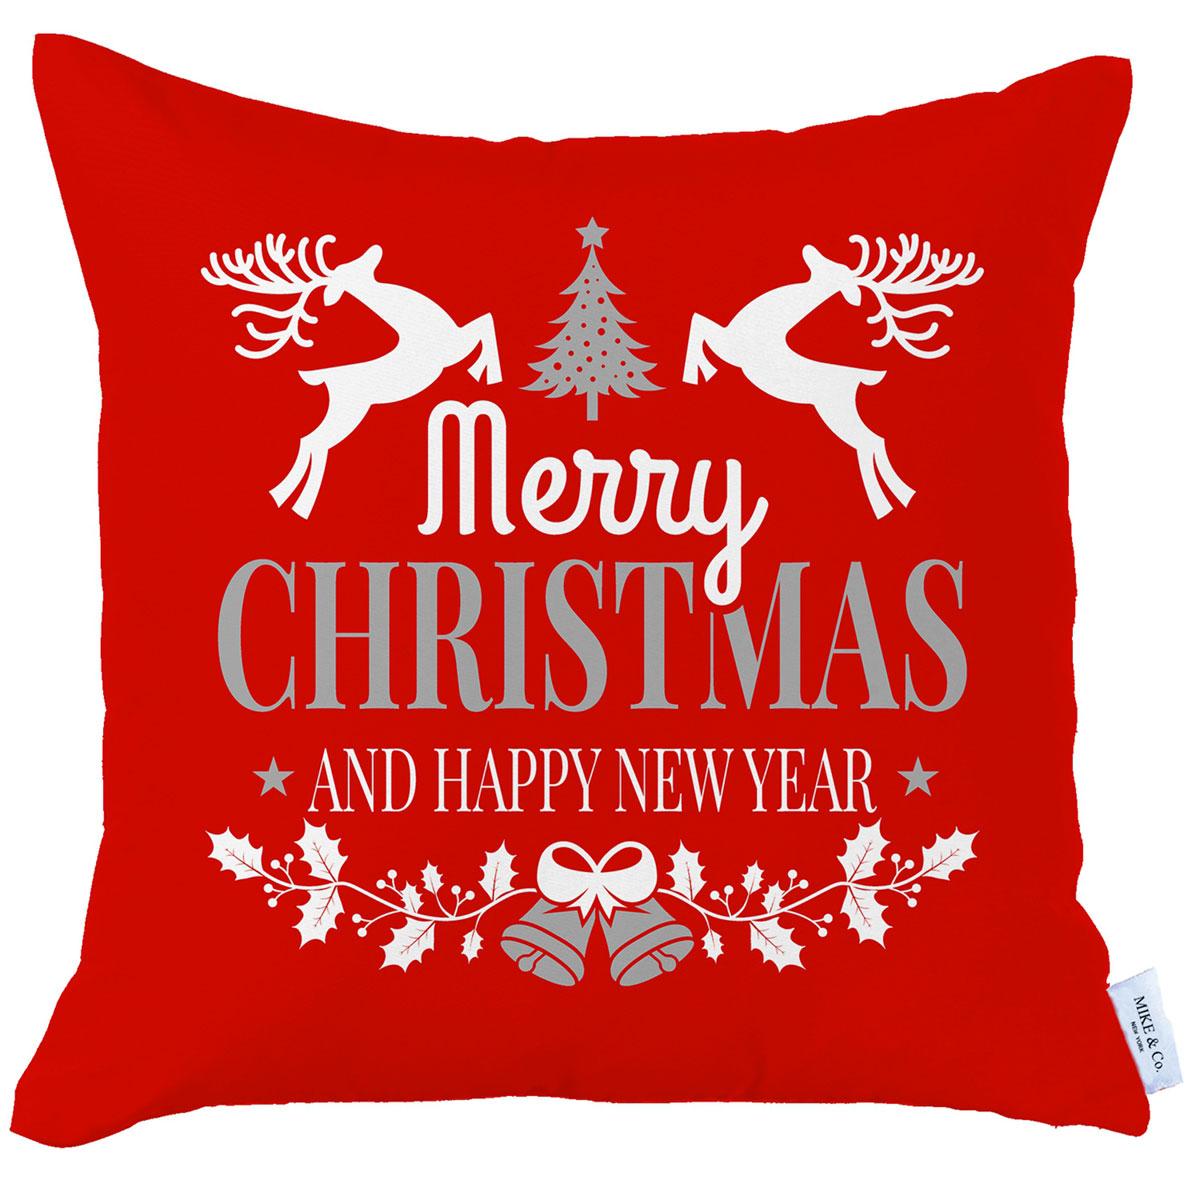 Χριστουγεννιάτικη Μαξιλαροθήκη (45×45) Mike & Co 712-3819-1